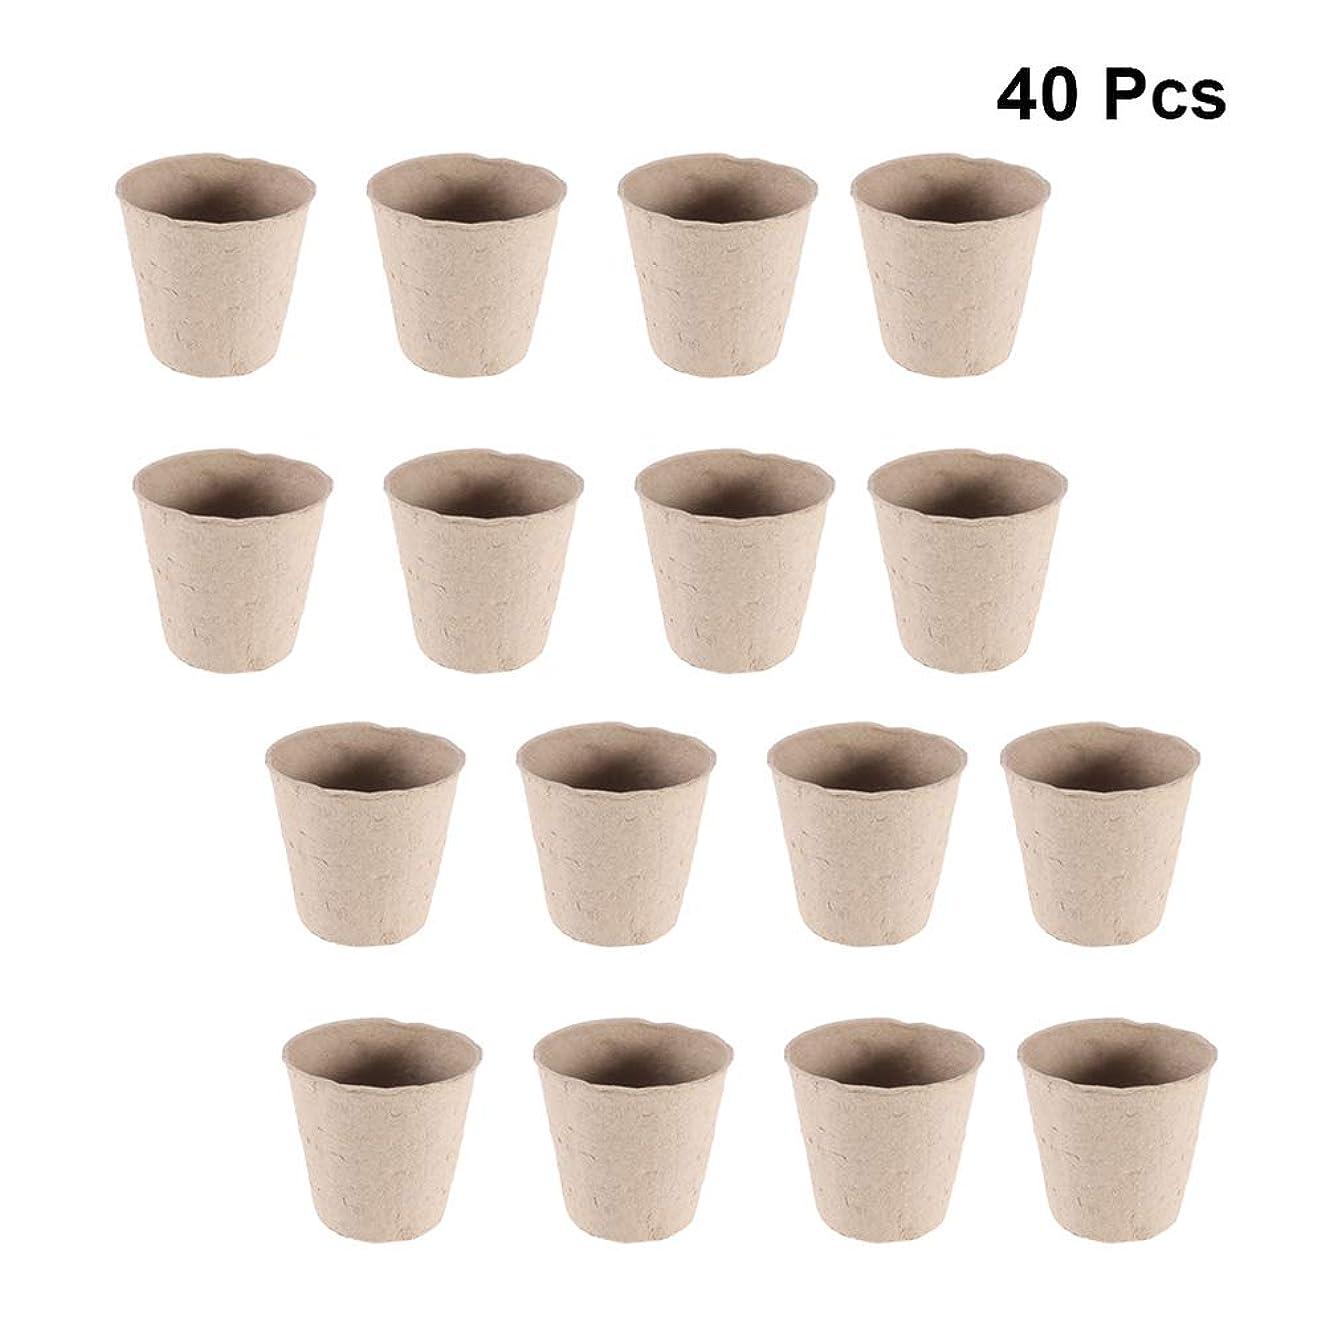 ブローホースコンセンサスYardwe 40ピースラウンド繊維ポット、生分解性苗ポット8センチ苗苗ポット植木鉢庭用屋外